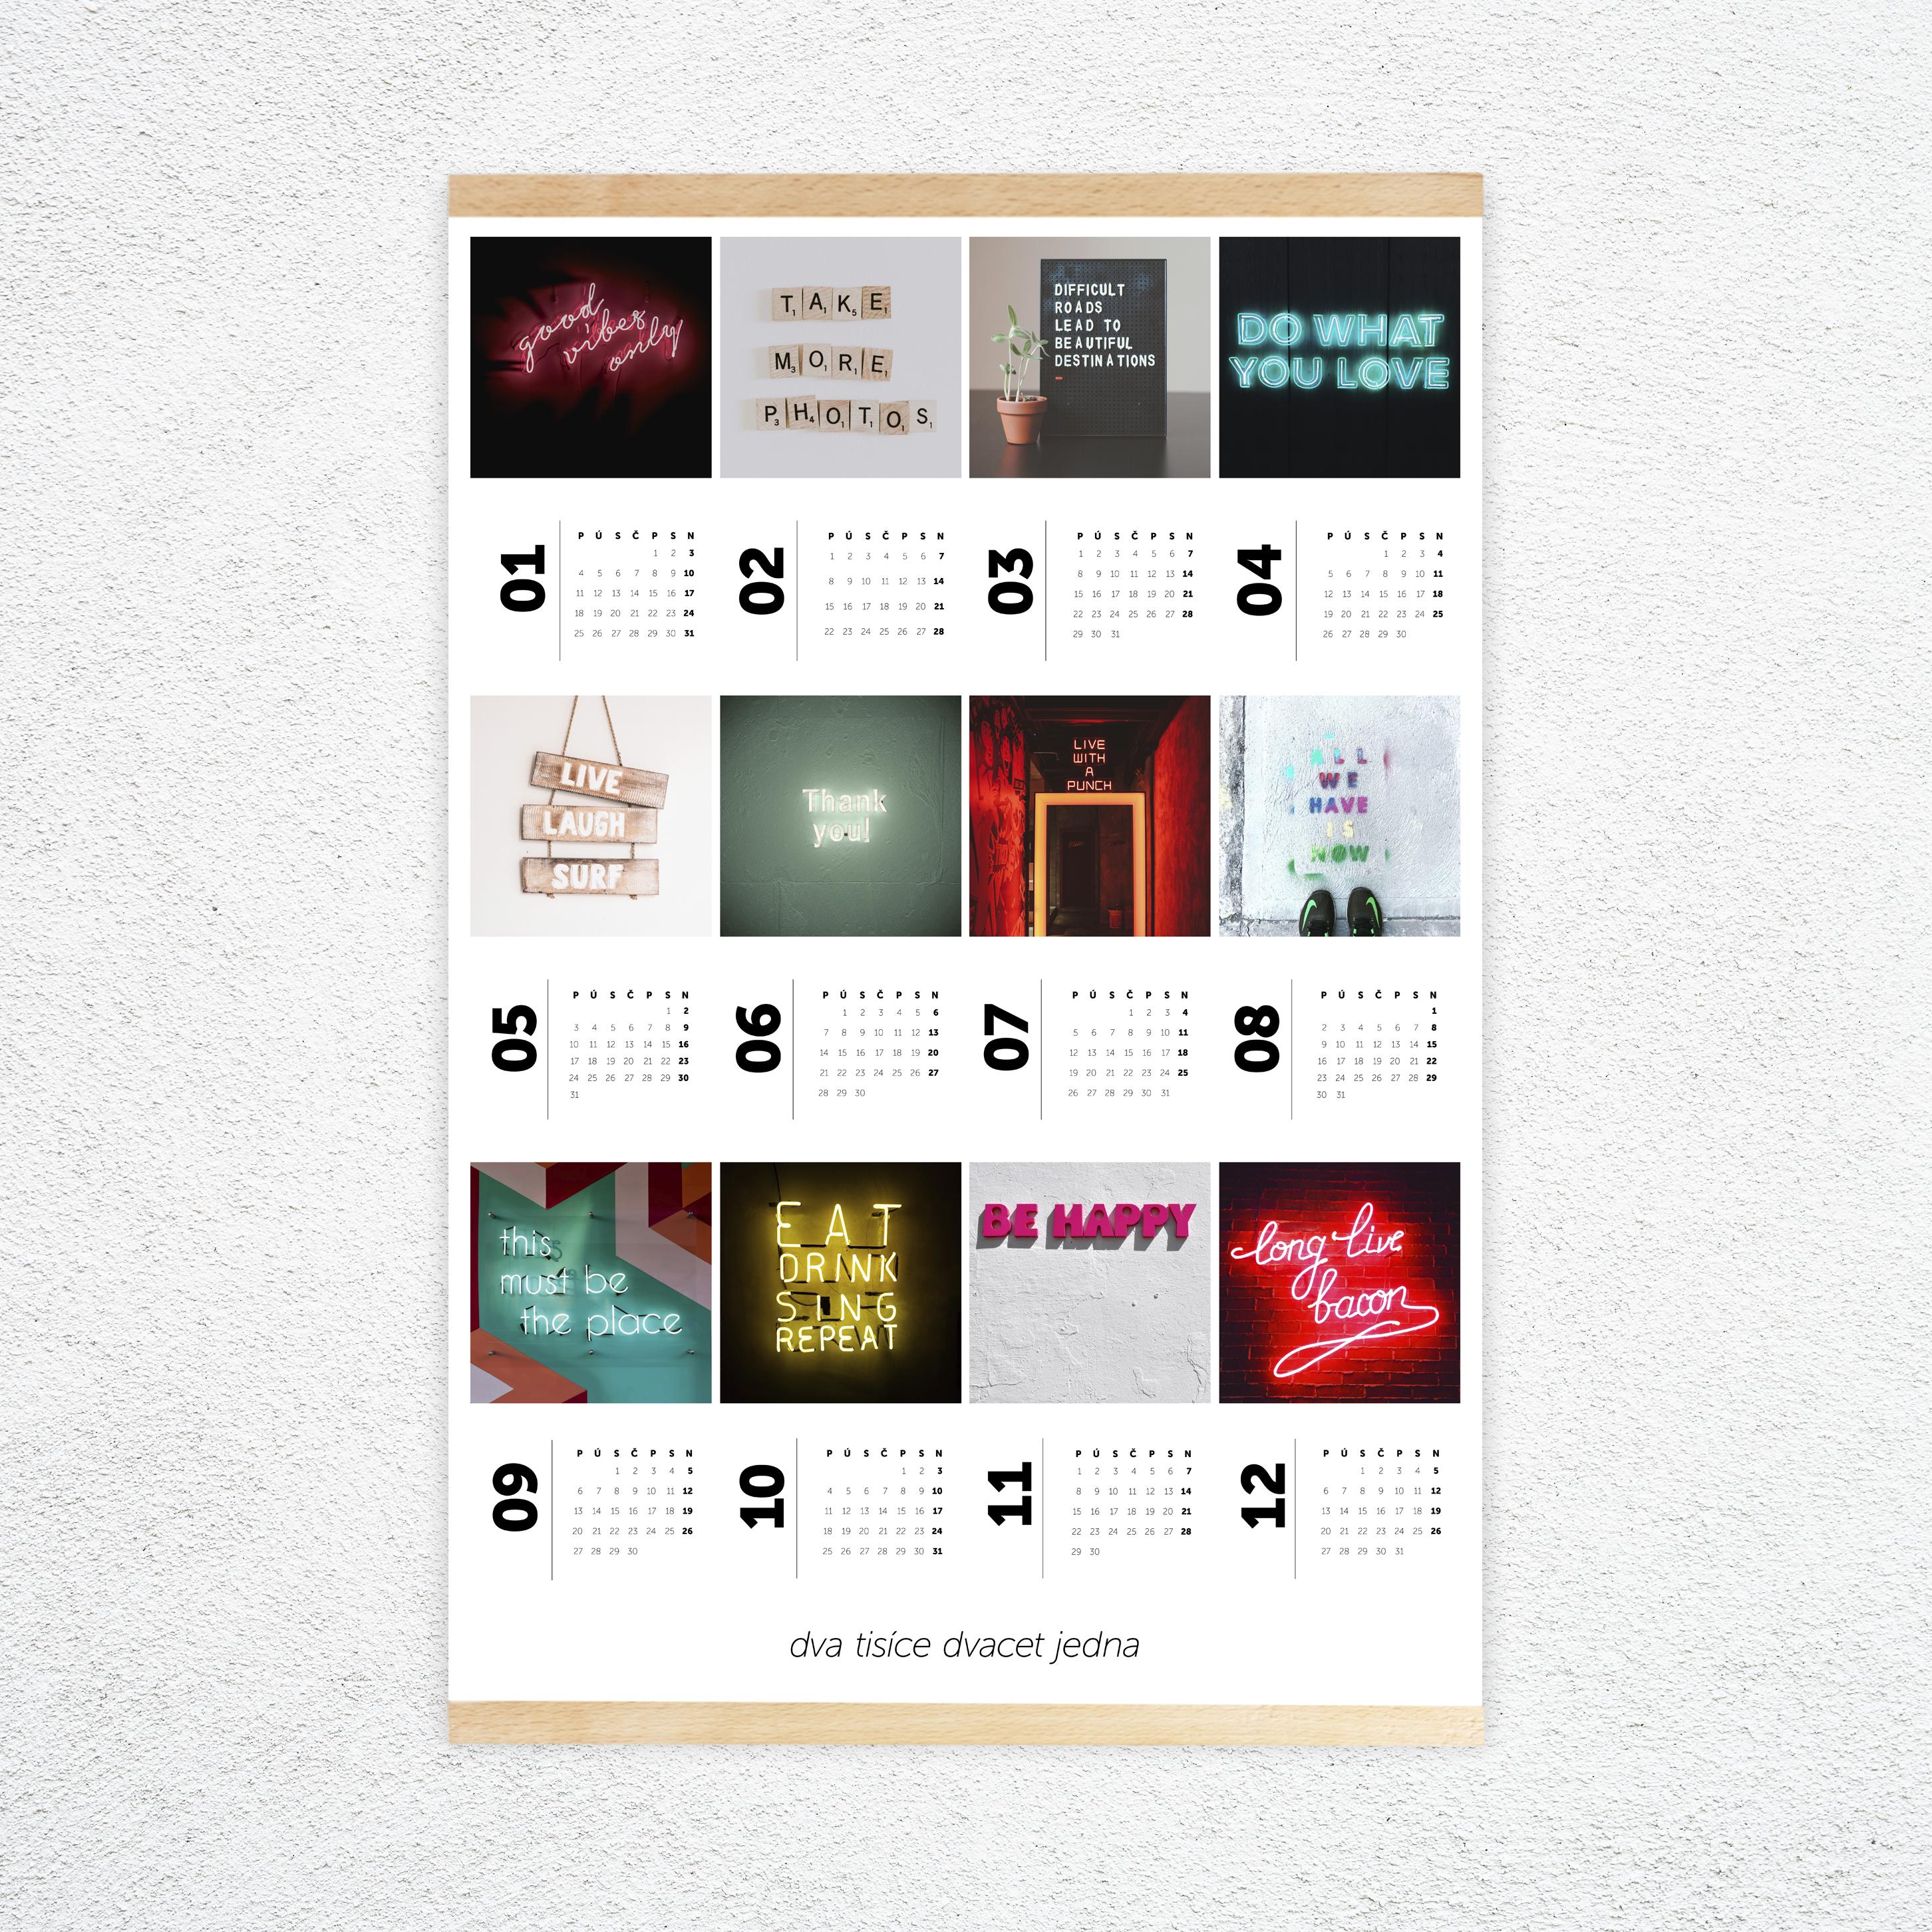 velký plakátový kalendář